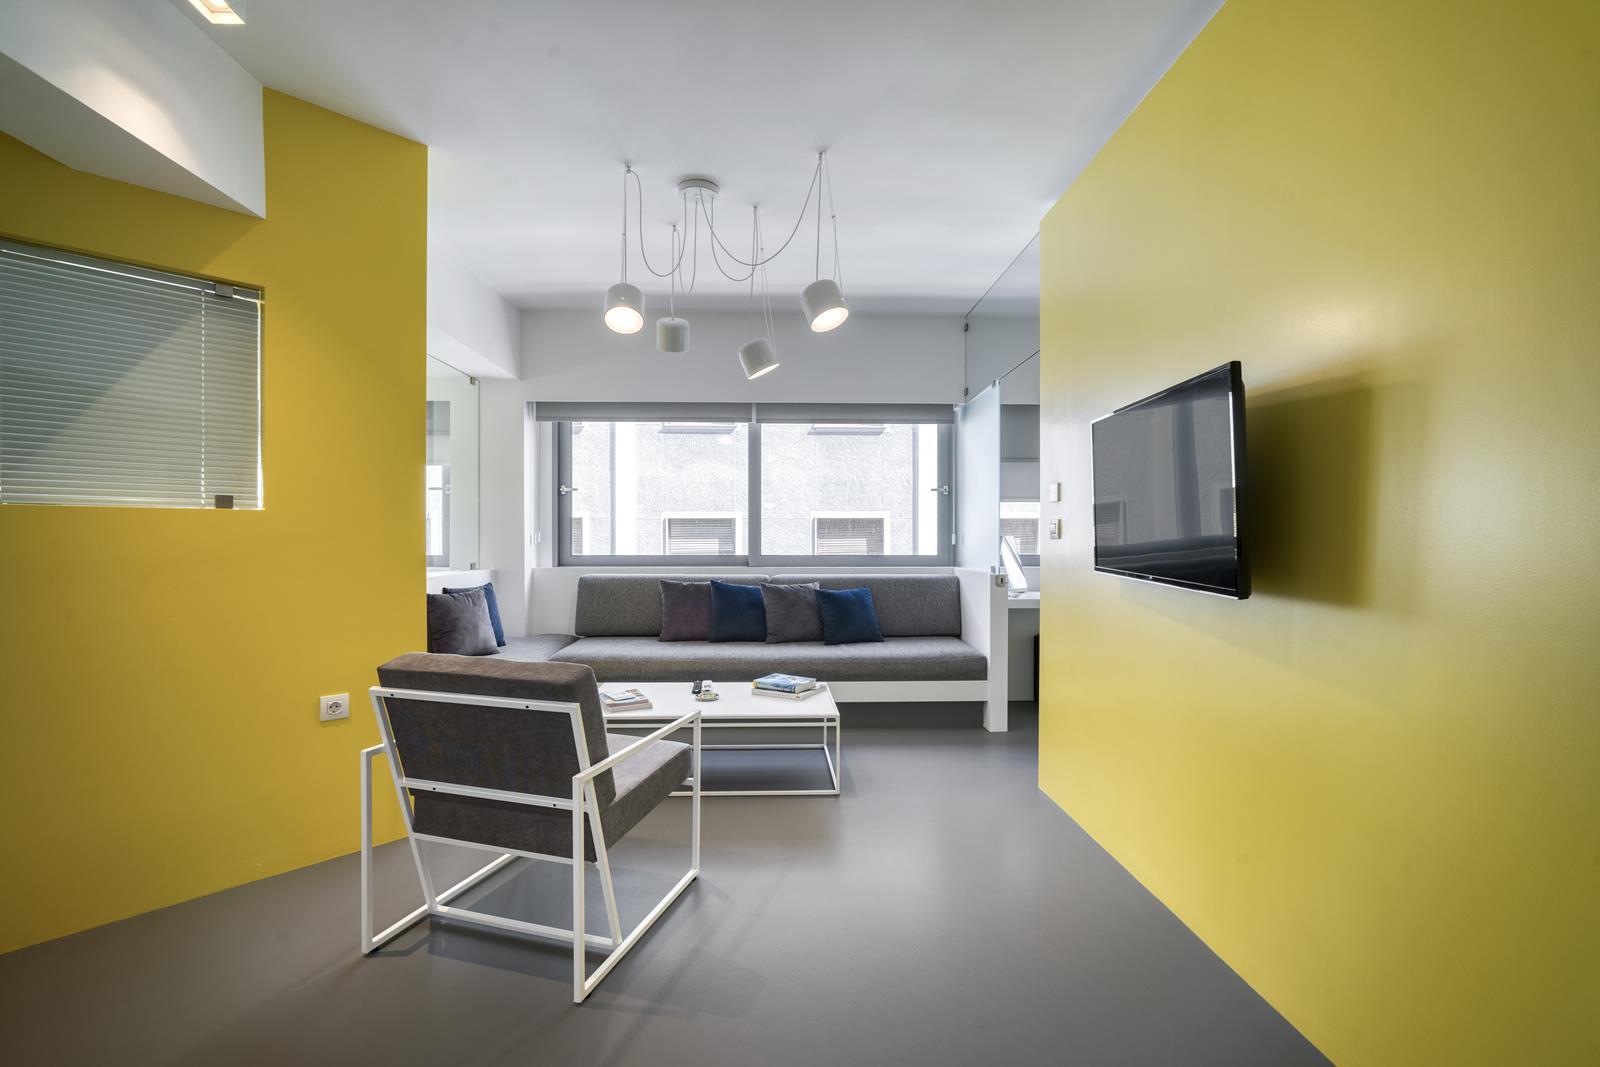 αθηνα κεντρο διαμονη - Athens Color Cube Luxury Apartments